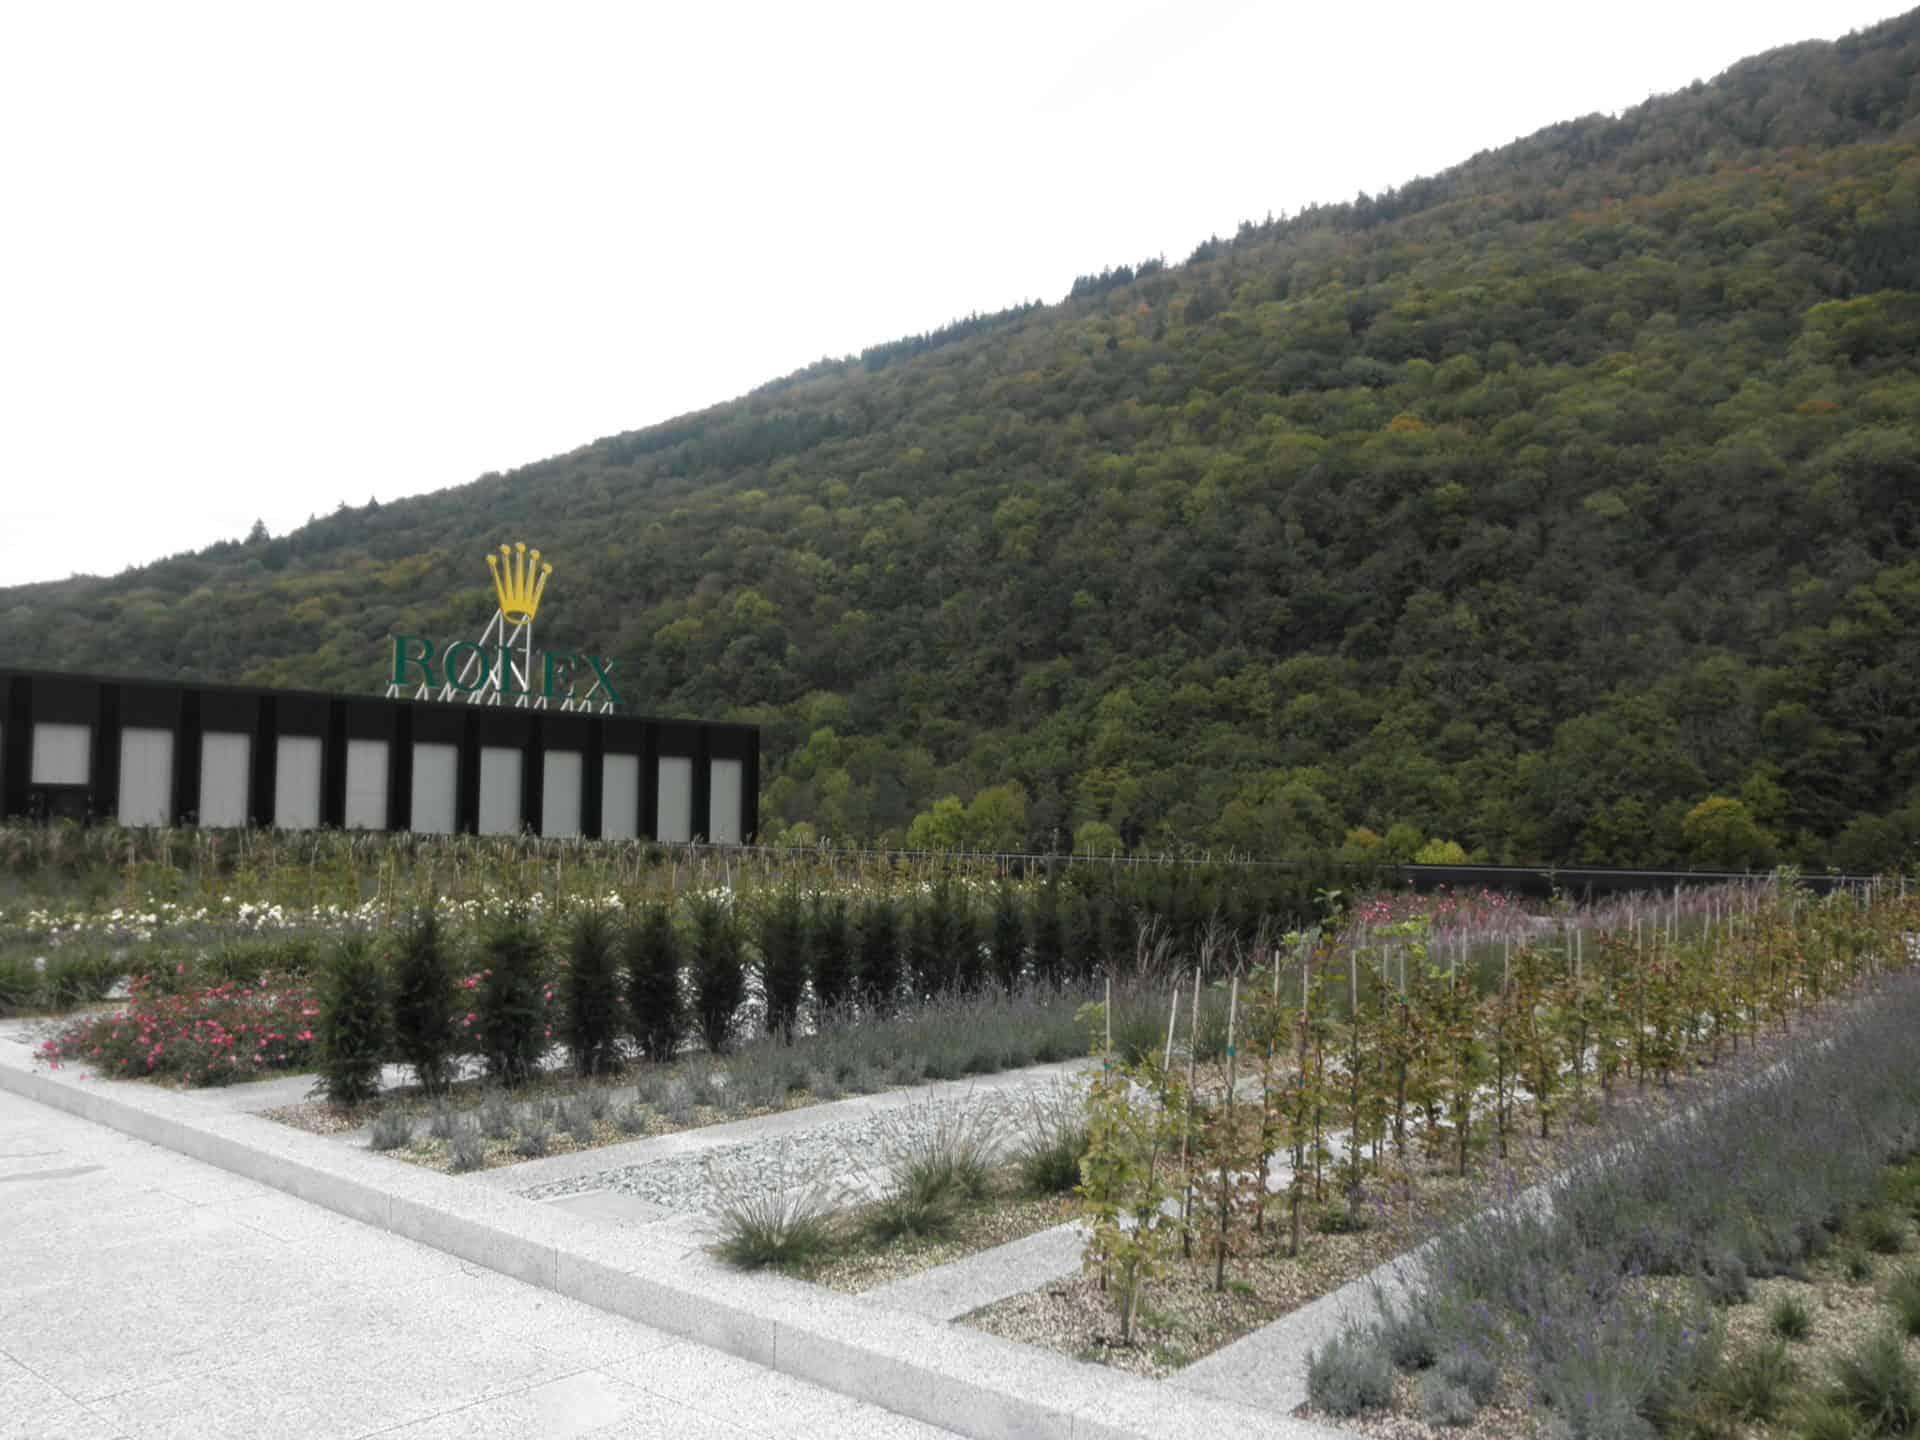 Die Rolex Werkefabrik in Biel hat auch einen ökologisch angelegten Dachgarten - Foto GLB